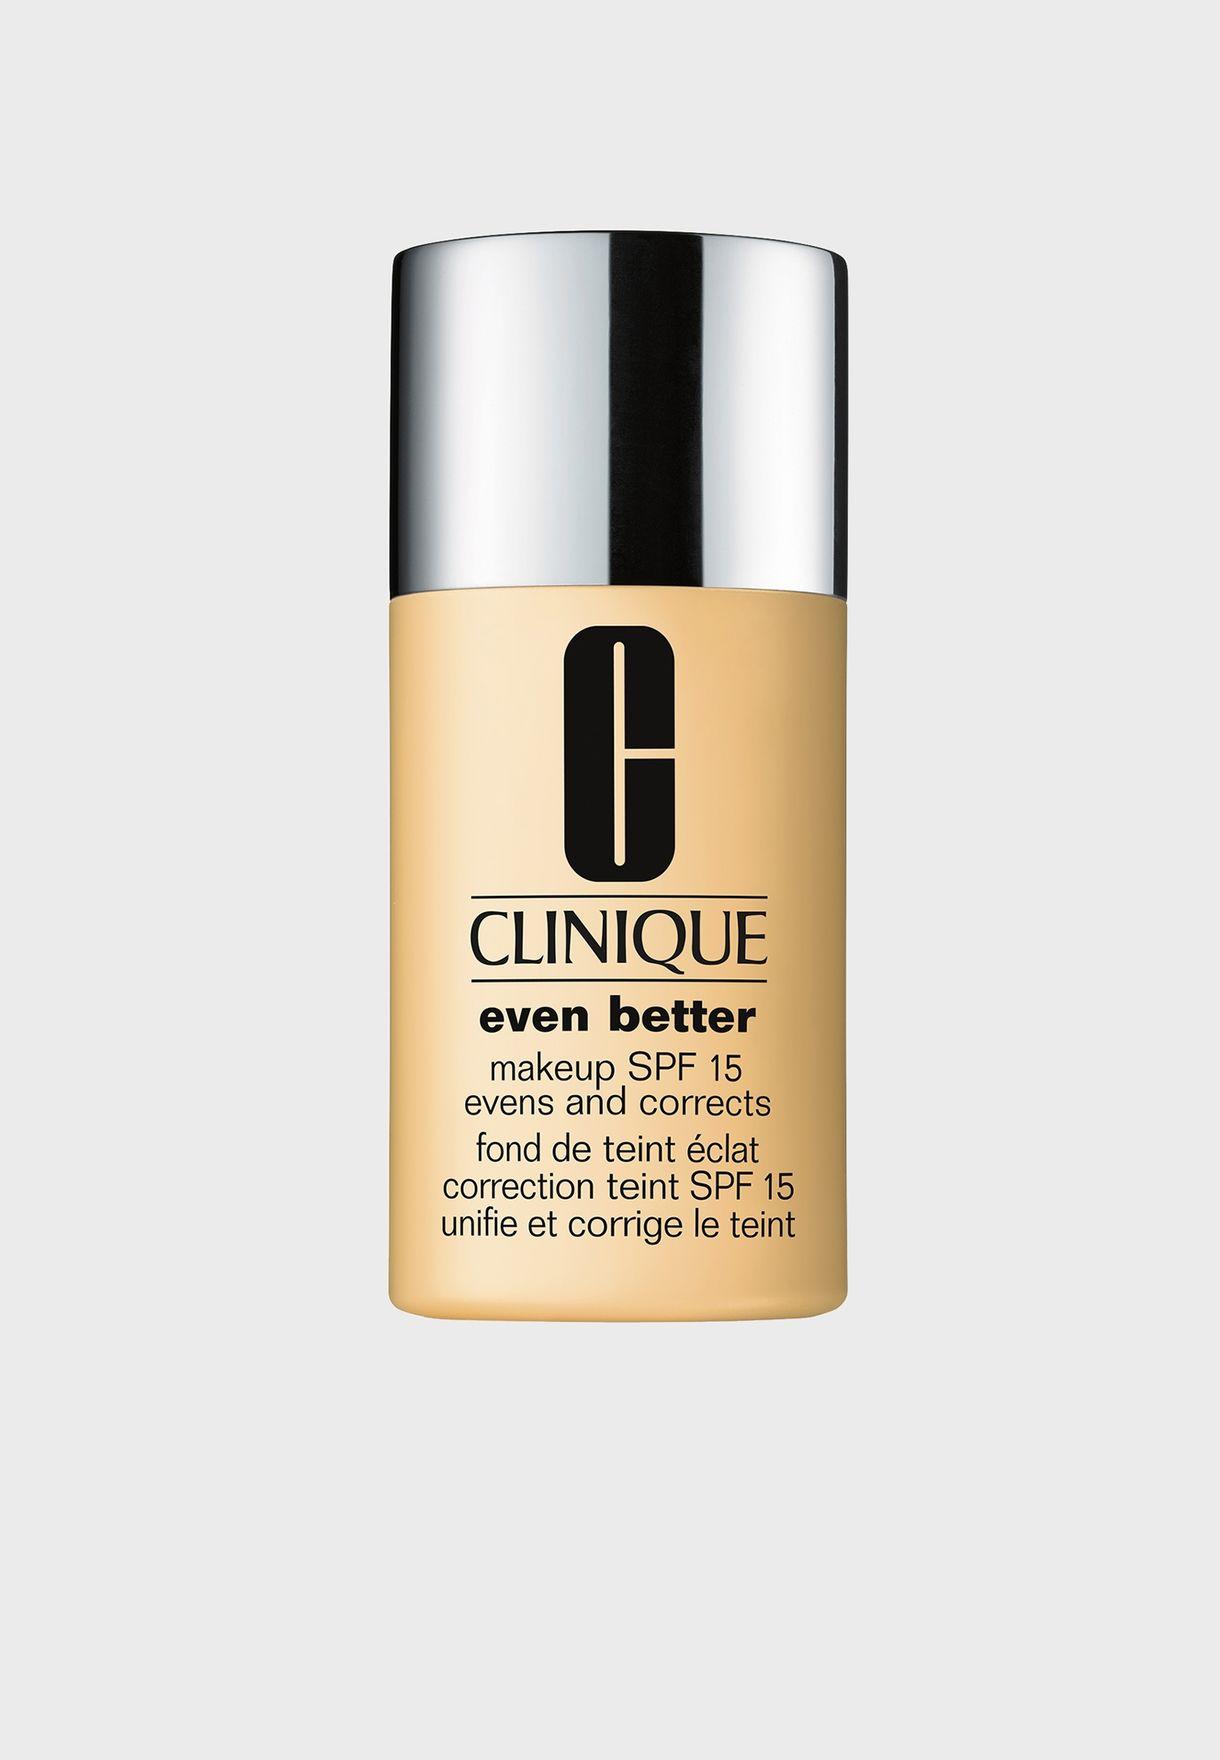 Even Better Makeup Broad Spectrum -Oat